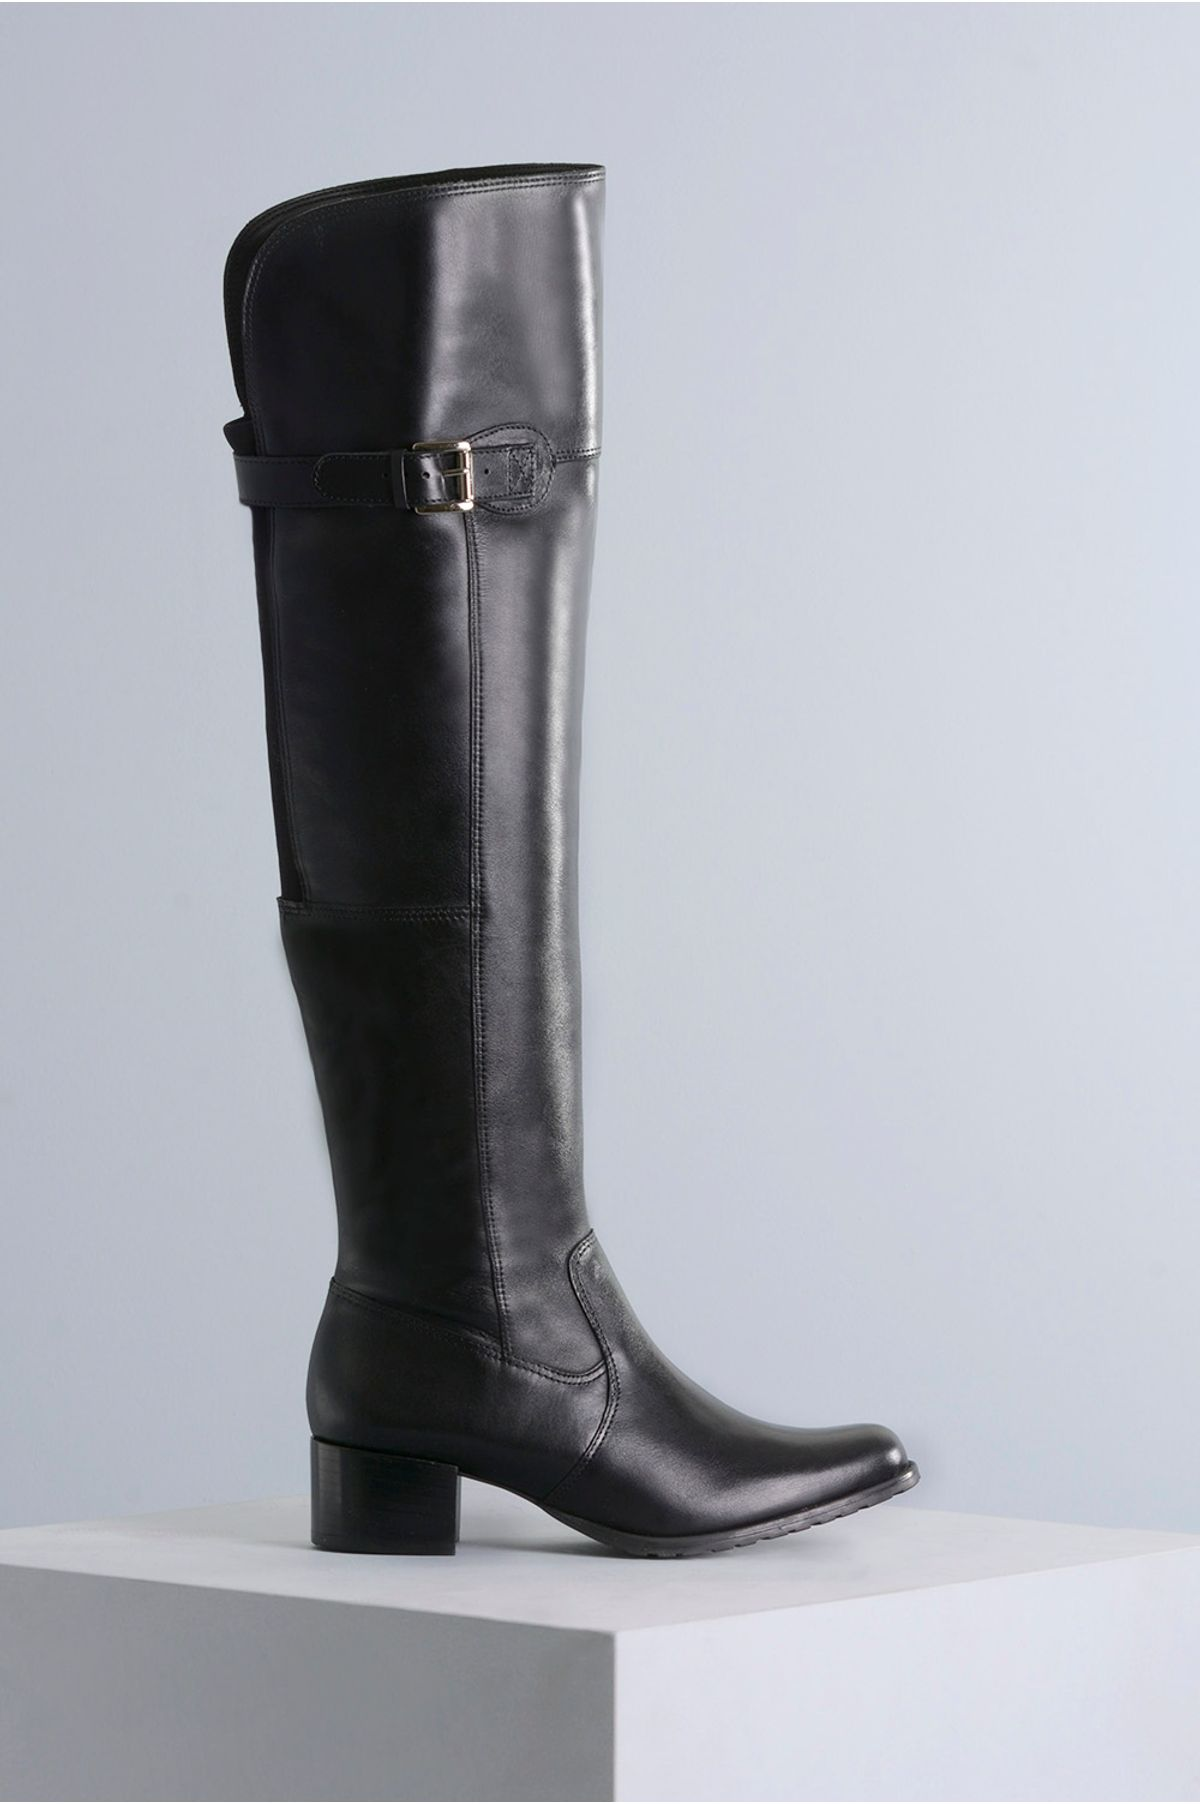 72b370633c Bota Feminina Cano Longo Monyser Mundial CR-PRETO - Mundial Calçados